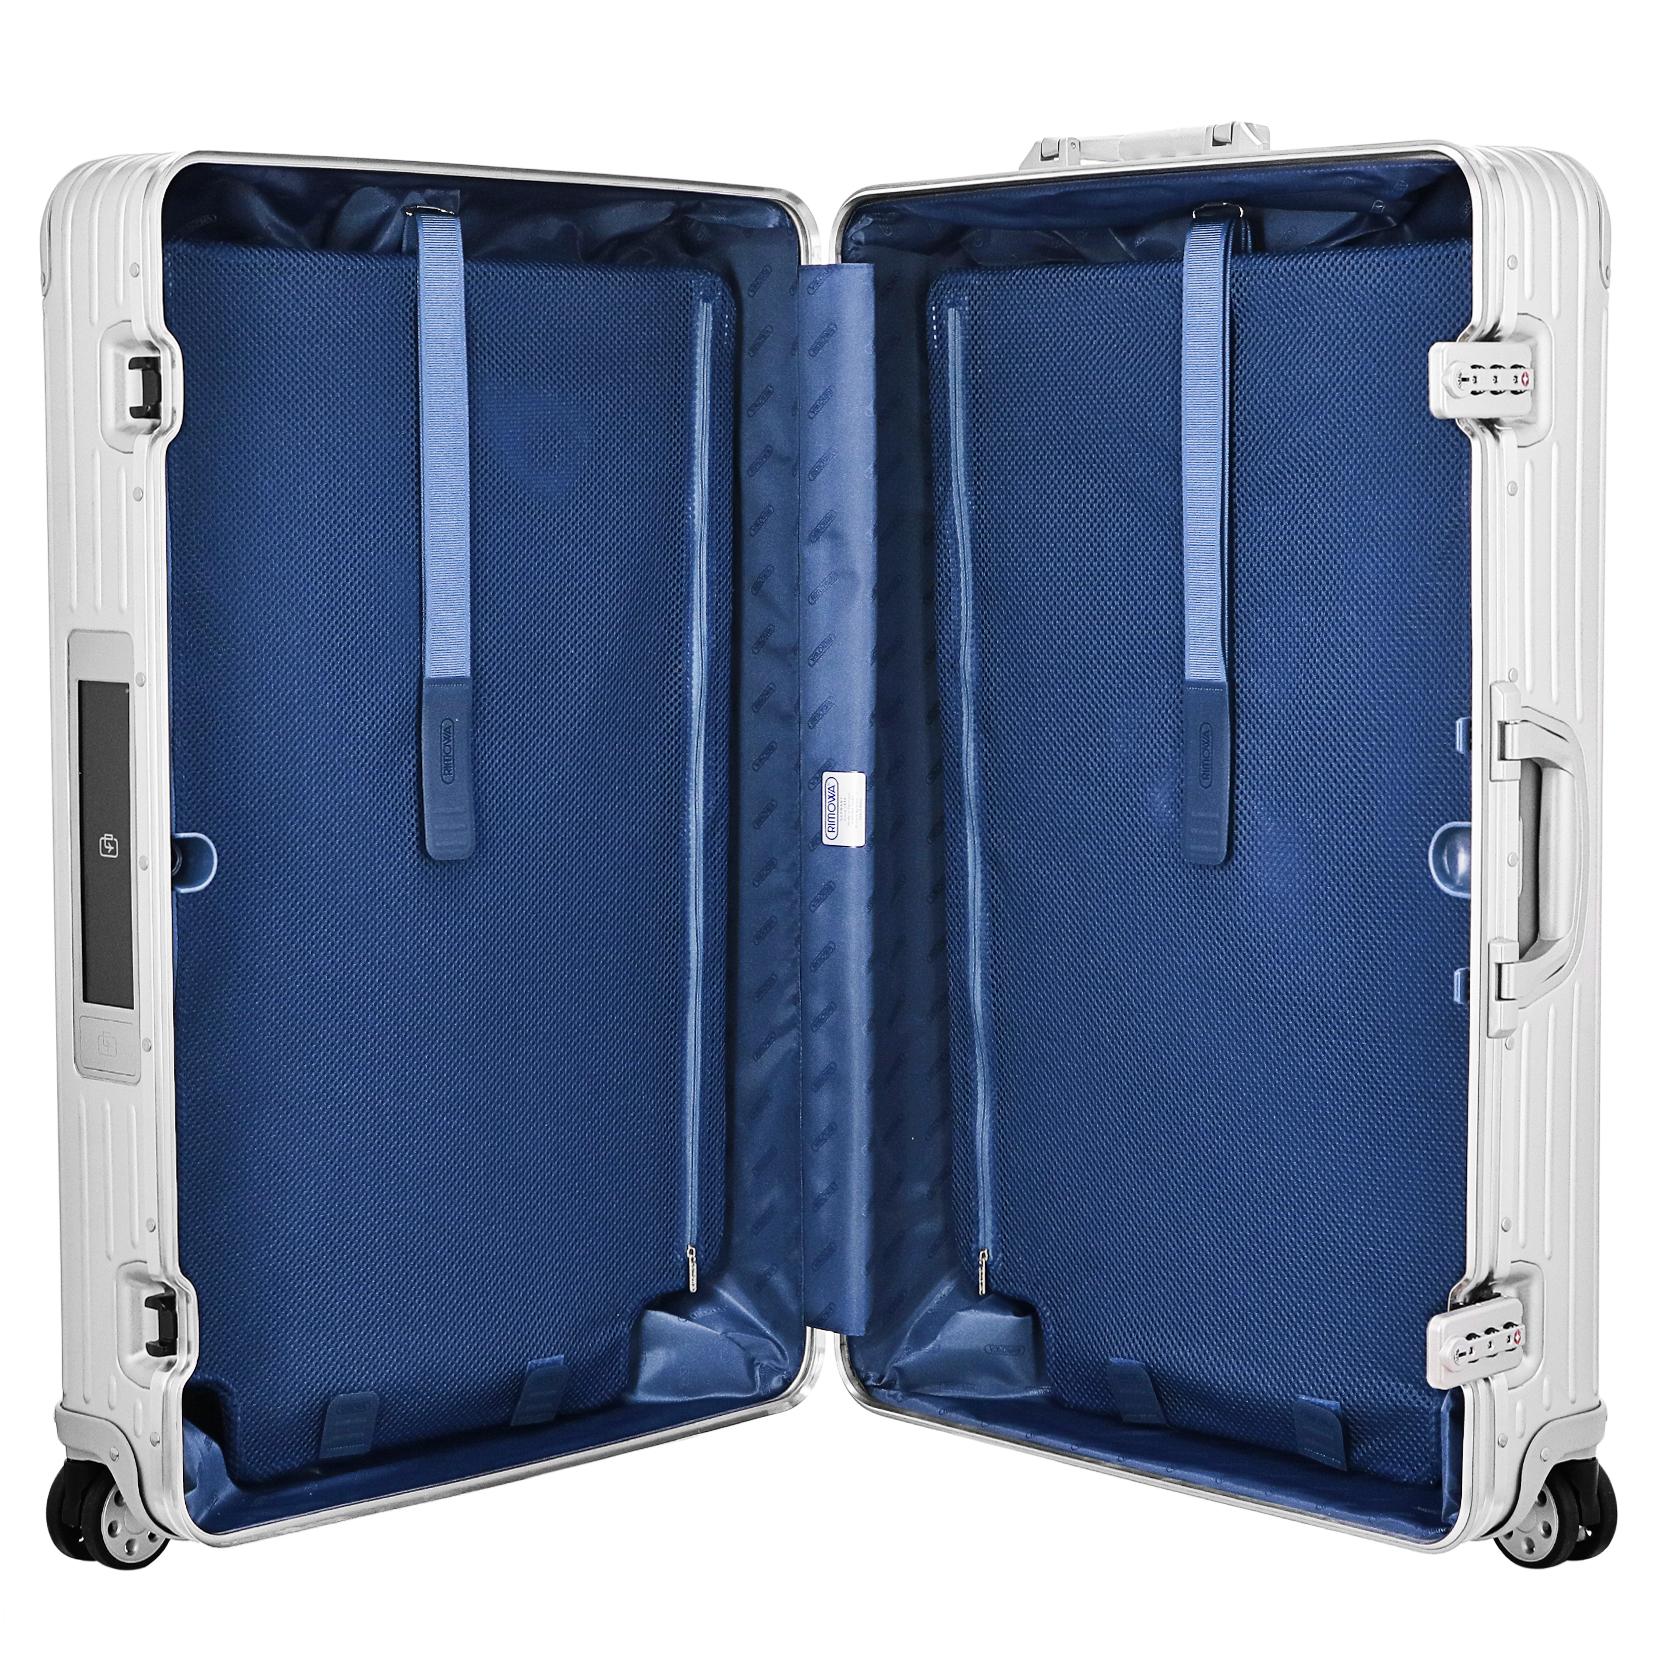 【お取り寄せ】【送料無料】リモワ RIMOWA スーツケース トパーズ 924.70.00.5 78L 6.9kg グリーン 4泊~7泊 TSAロック 機内持ち込み不可